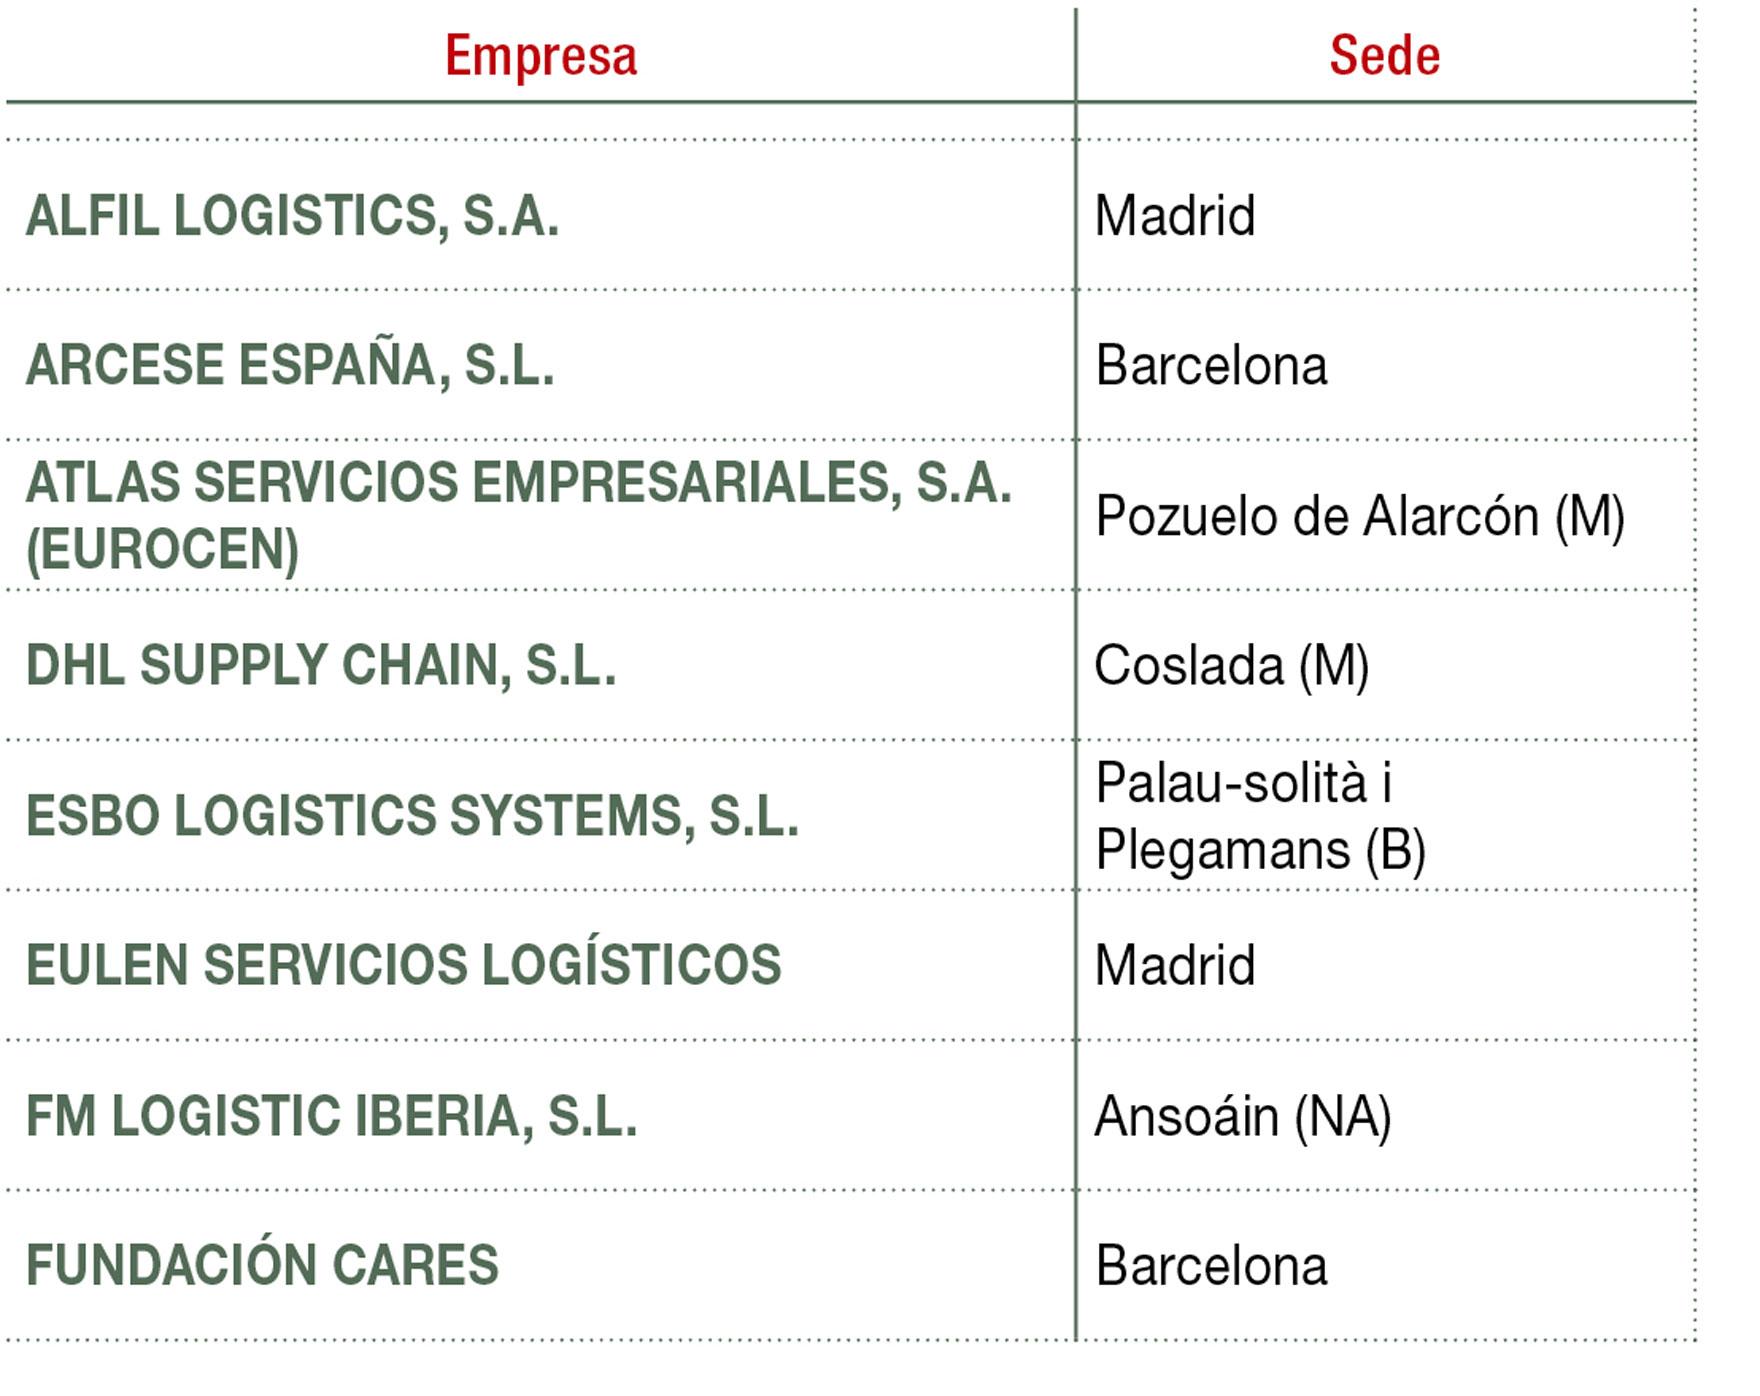 Principales empresas que operan en el mercado de logística In-house